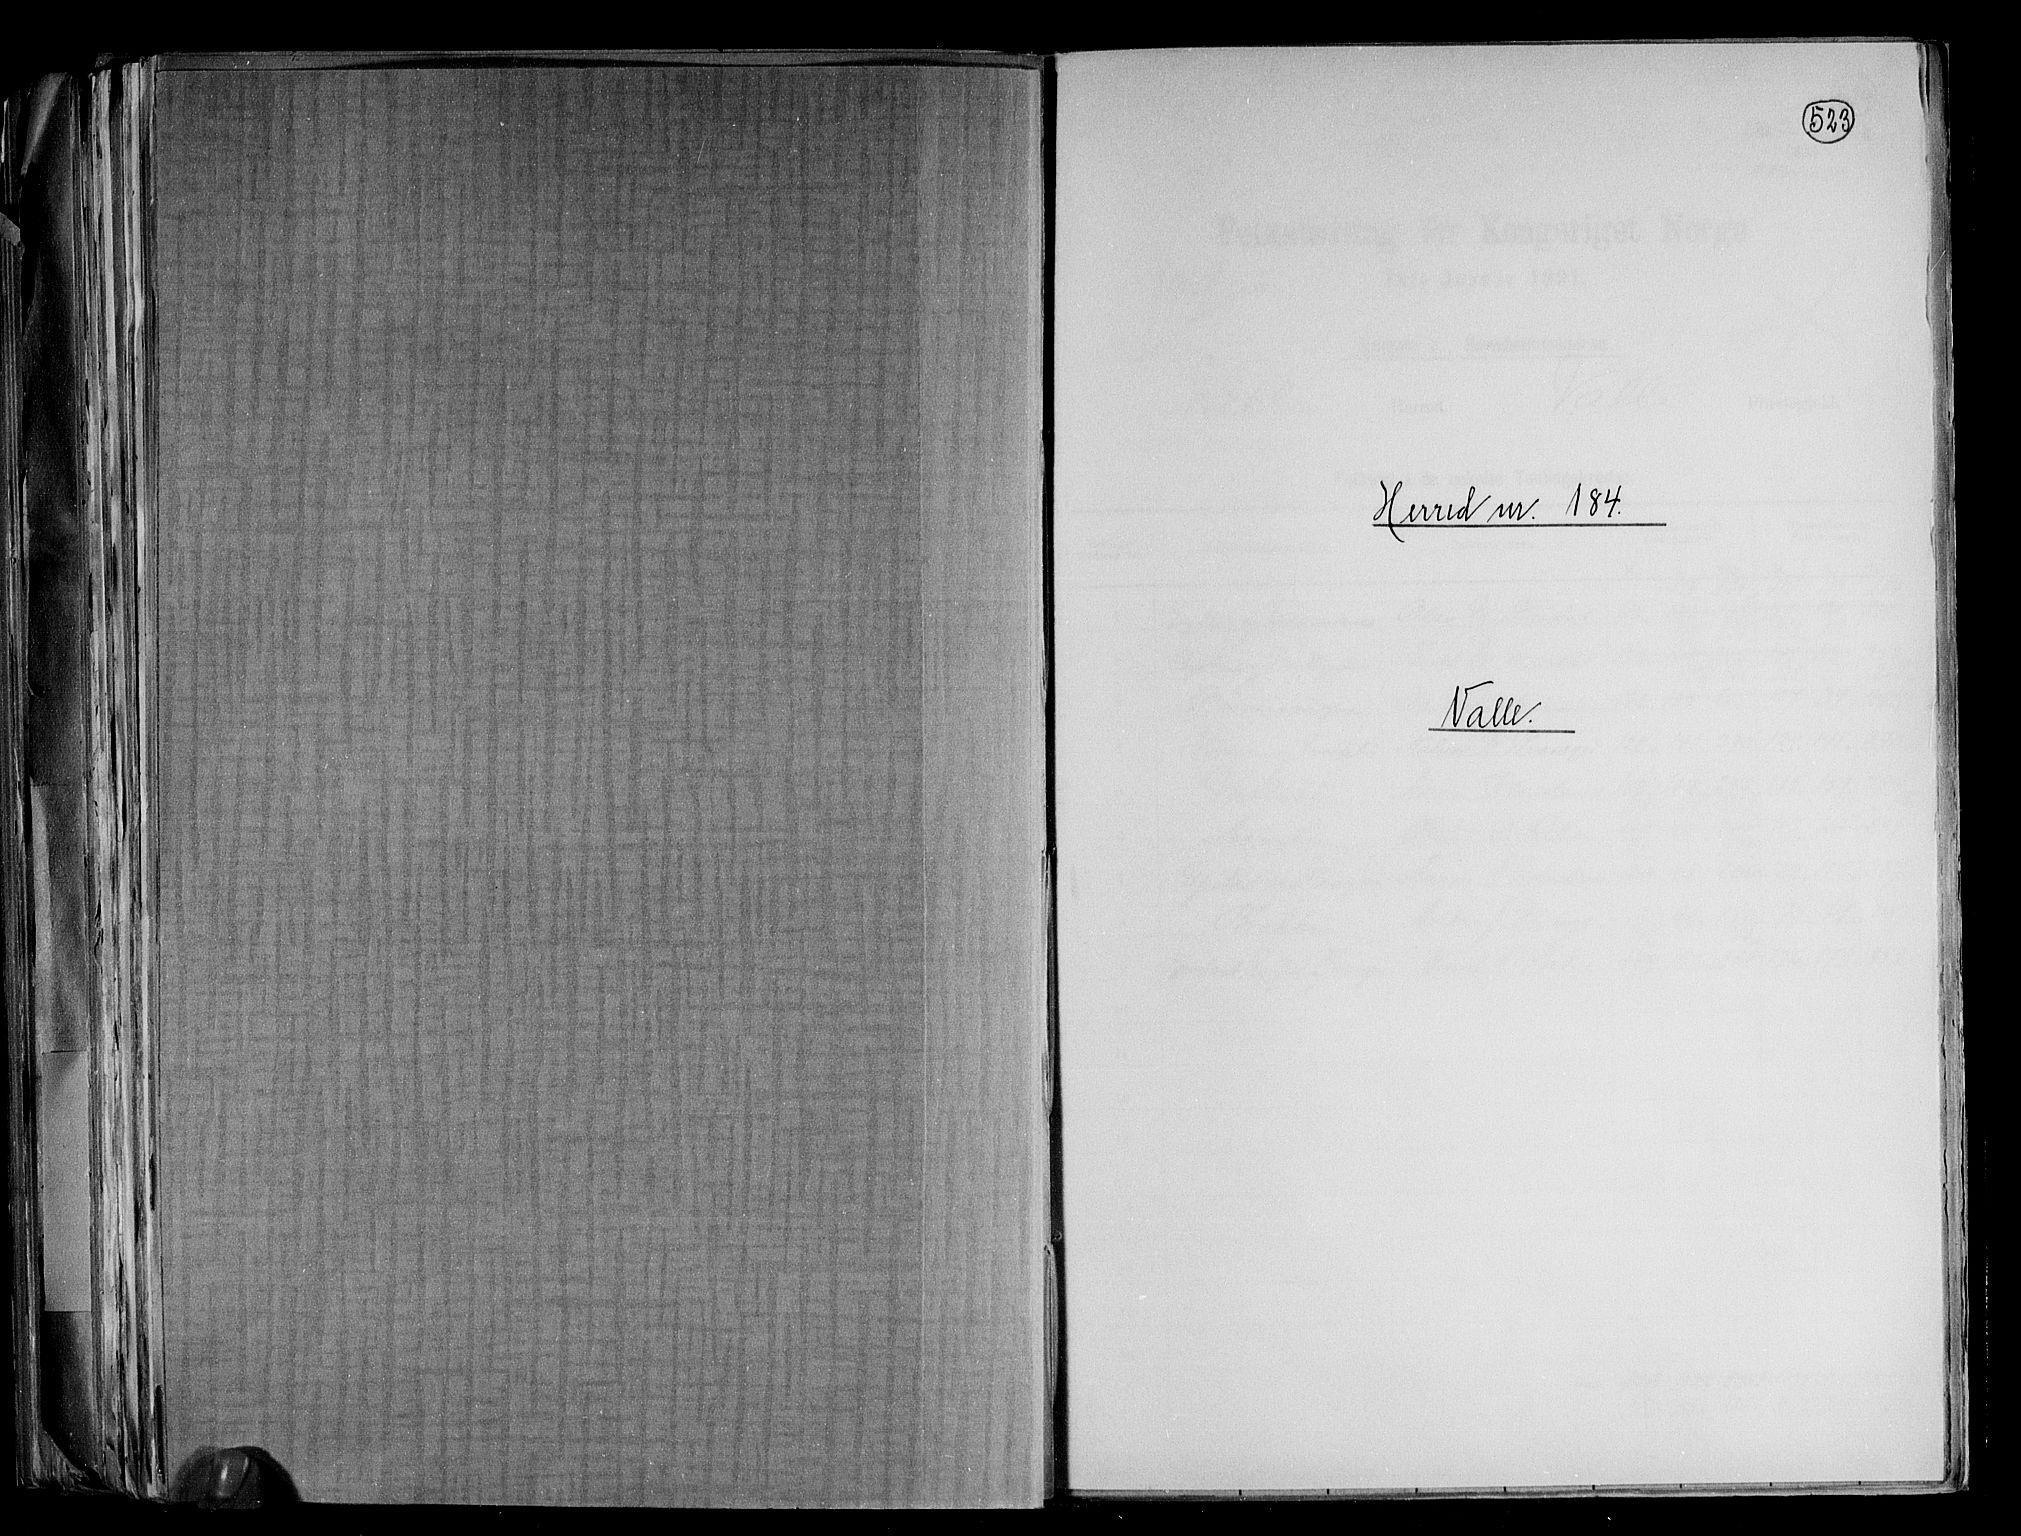 RA, Folketelling 1891 for 0940 Valle herred, 1891, s. 1